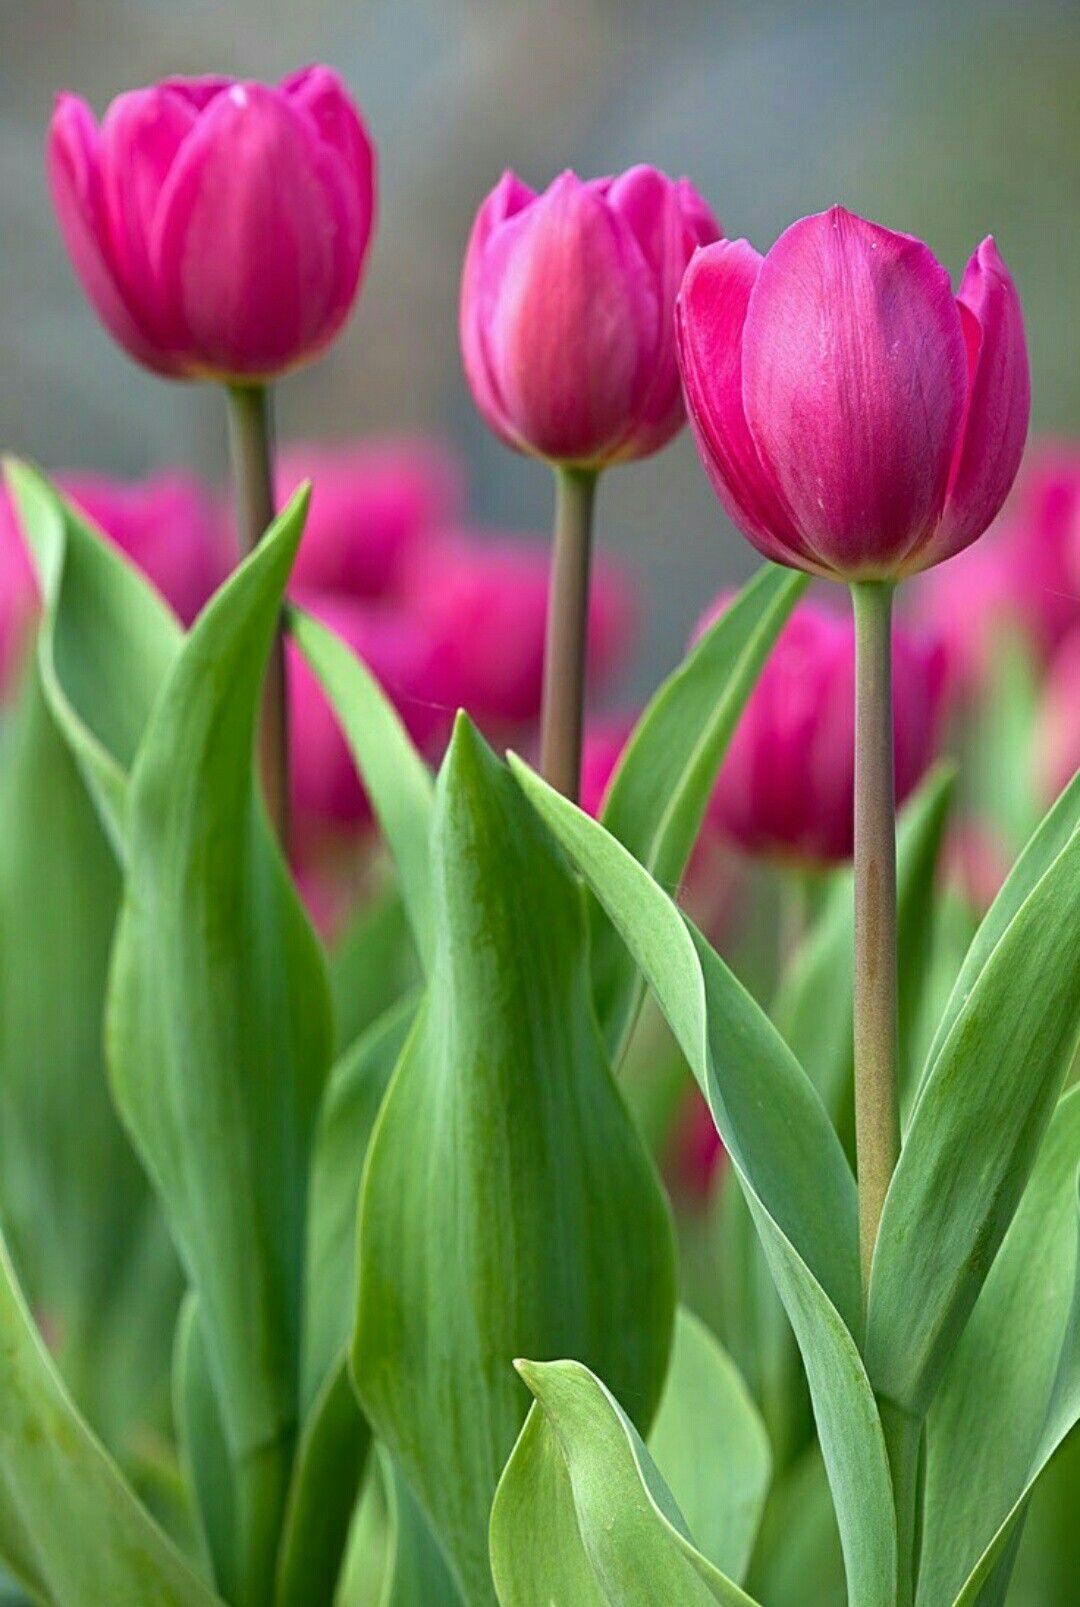 tulip-photo-198